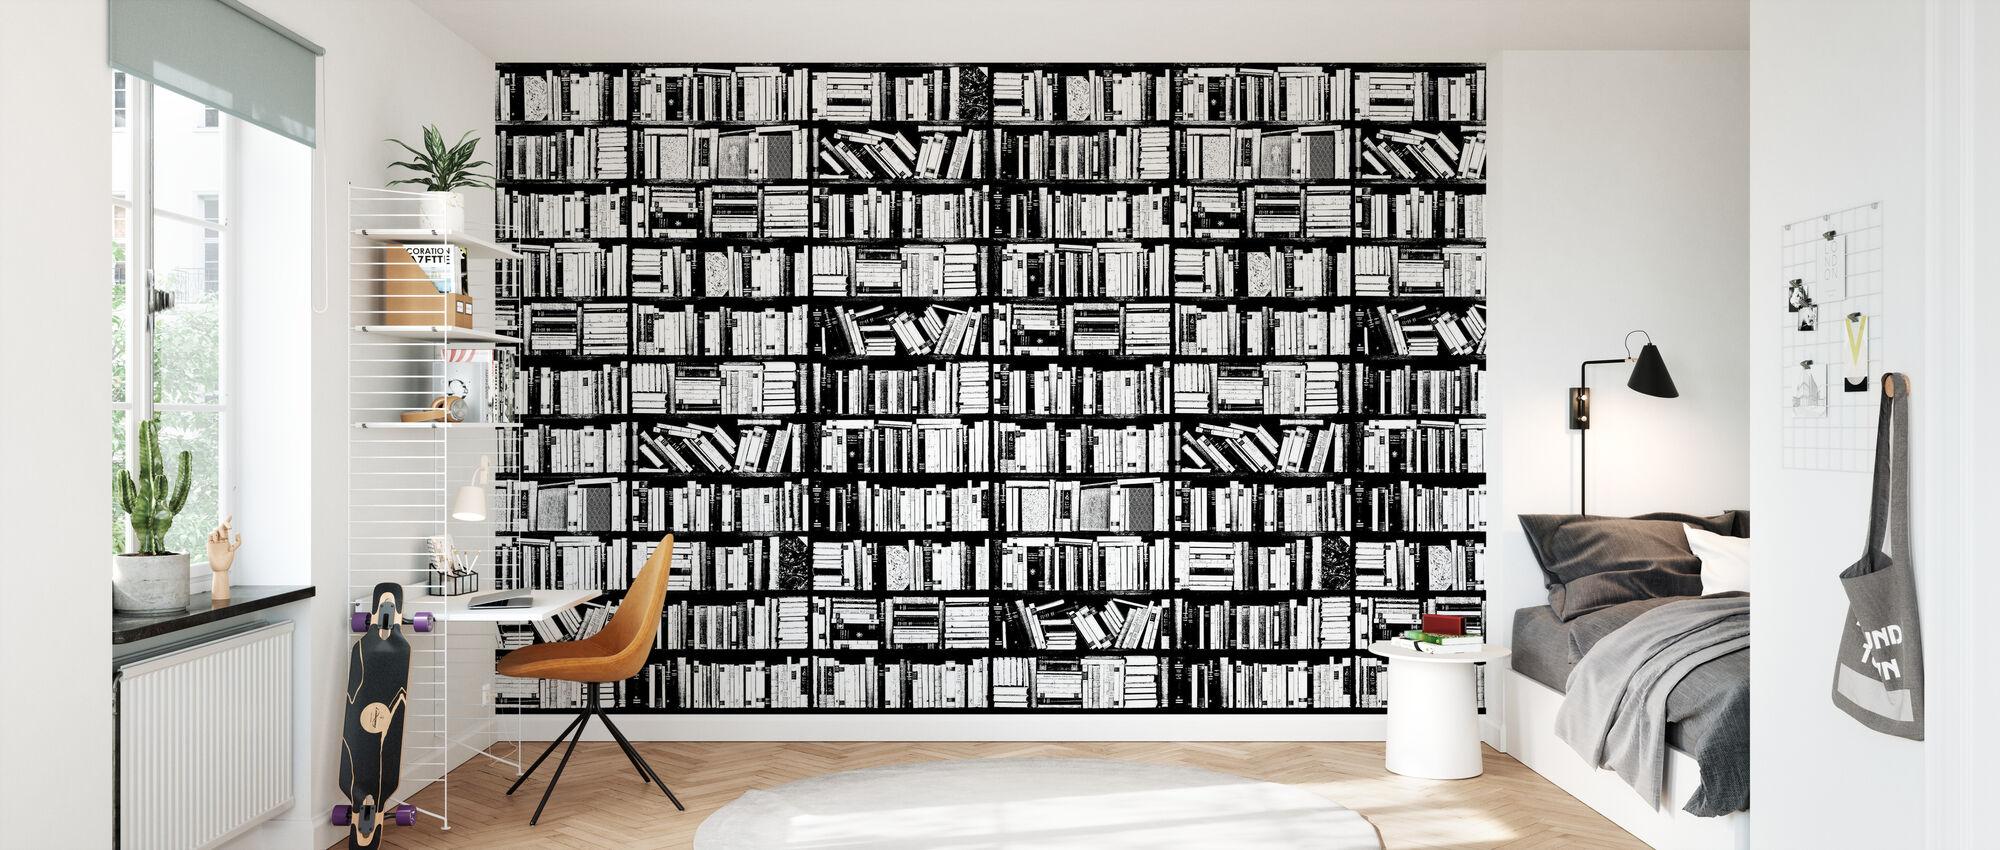 Étagère - Graphique Noir Blanc - Papier peint - Chambre des enfants